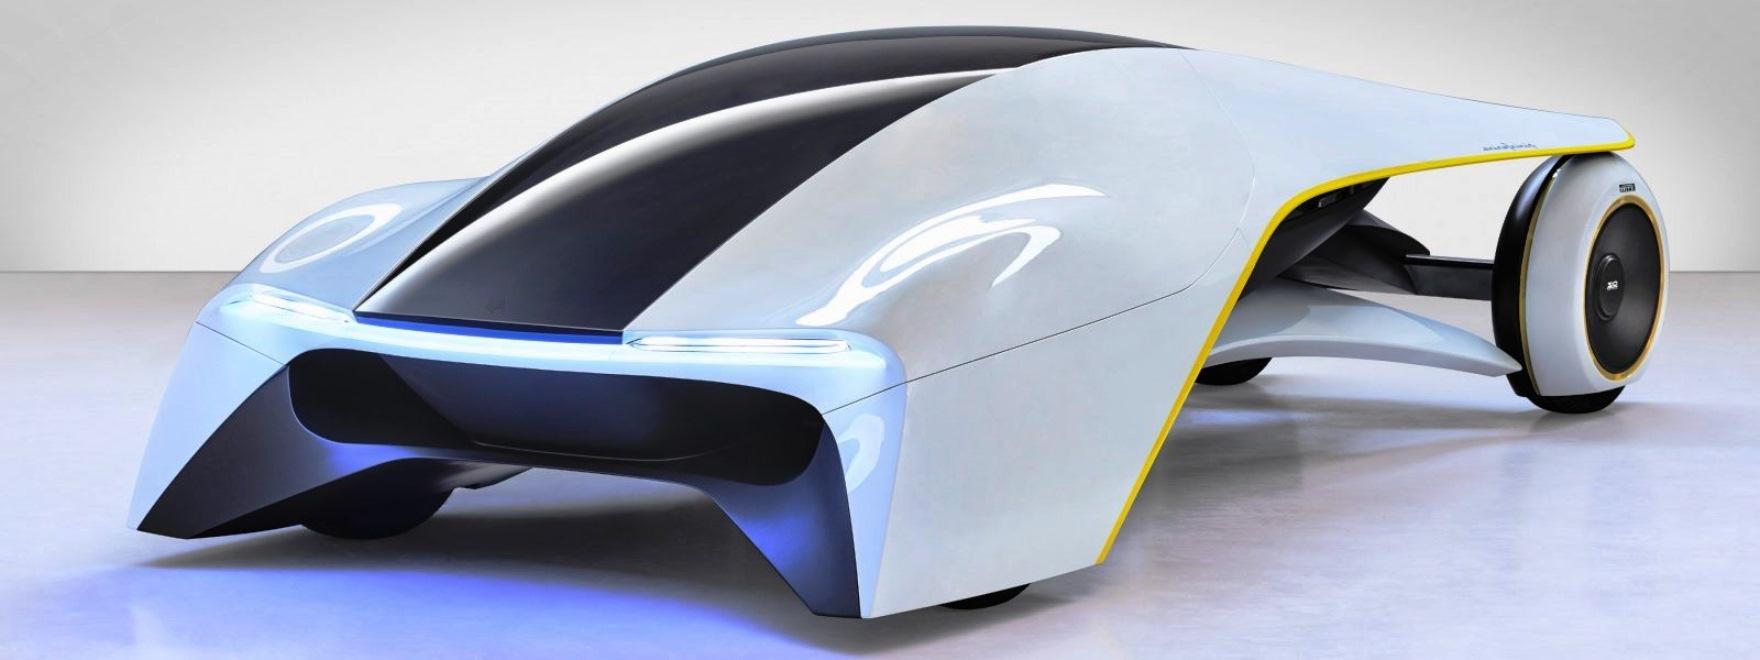 О том, какие потенциальные угрозы локчейн несет традиционной автомобильной промышленности планеты говорим в рамках этого материала.